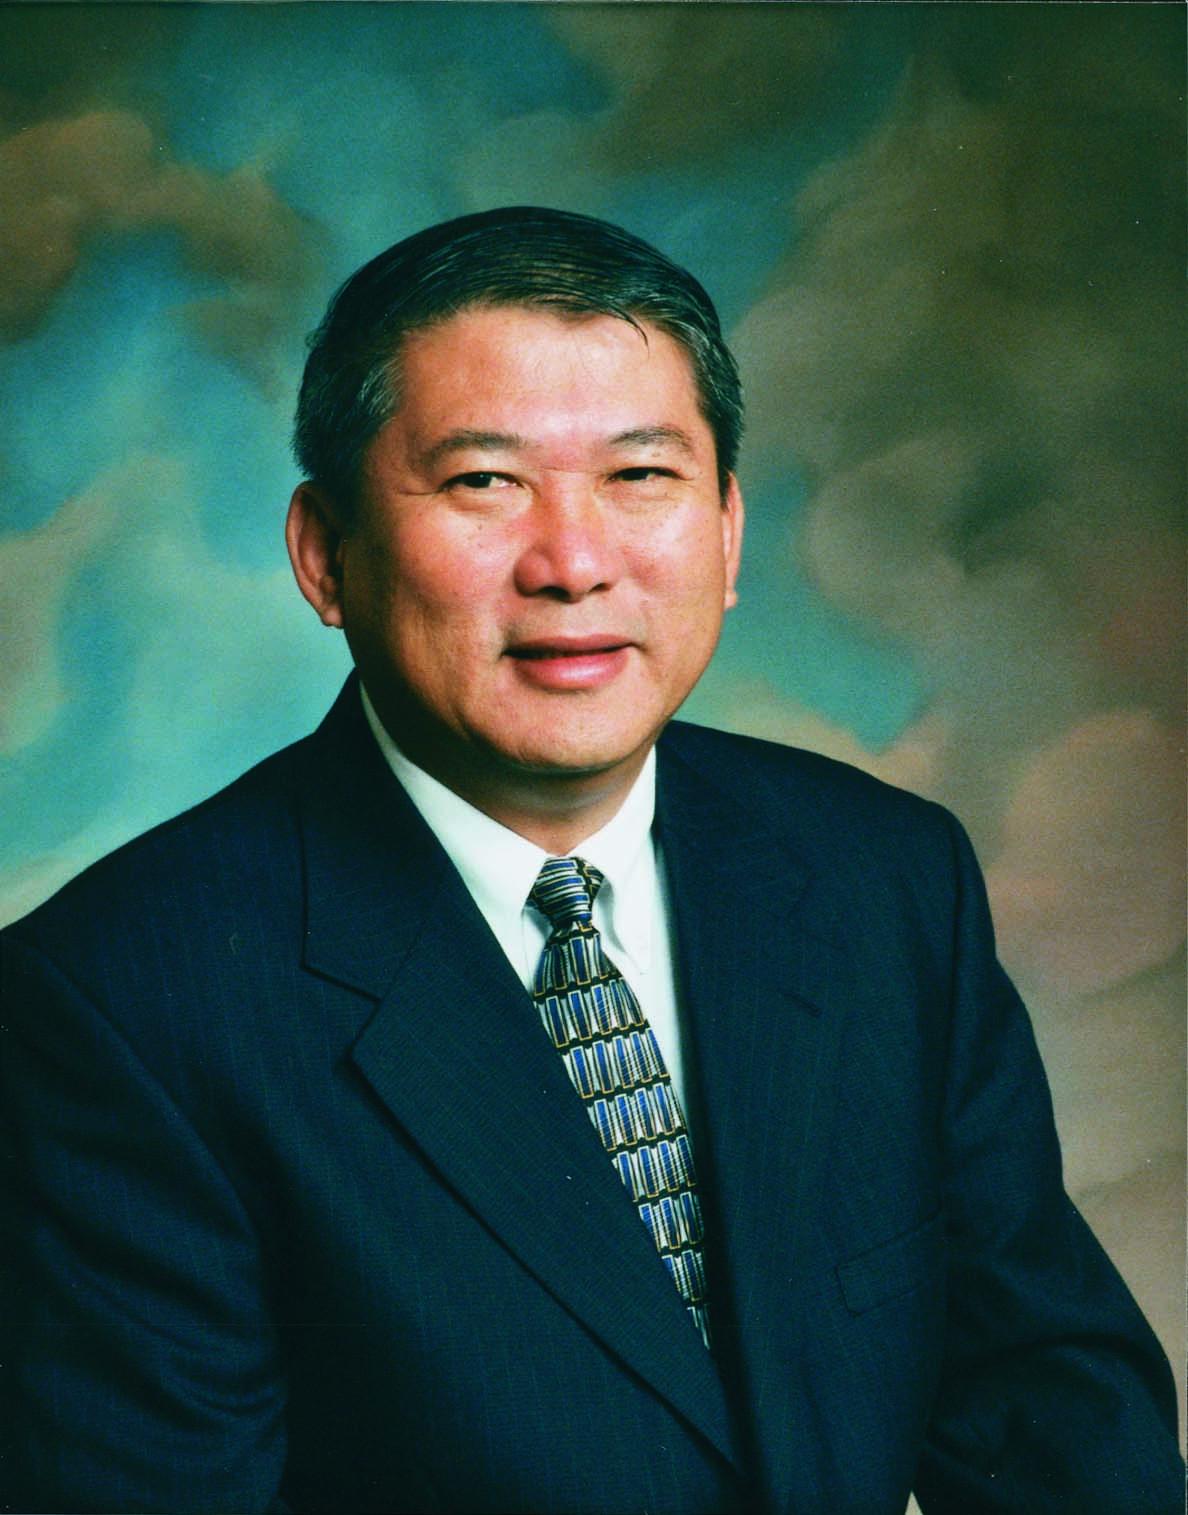 Elder Jean A. Tefan